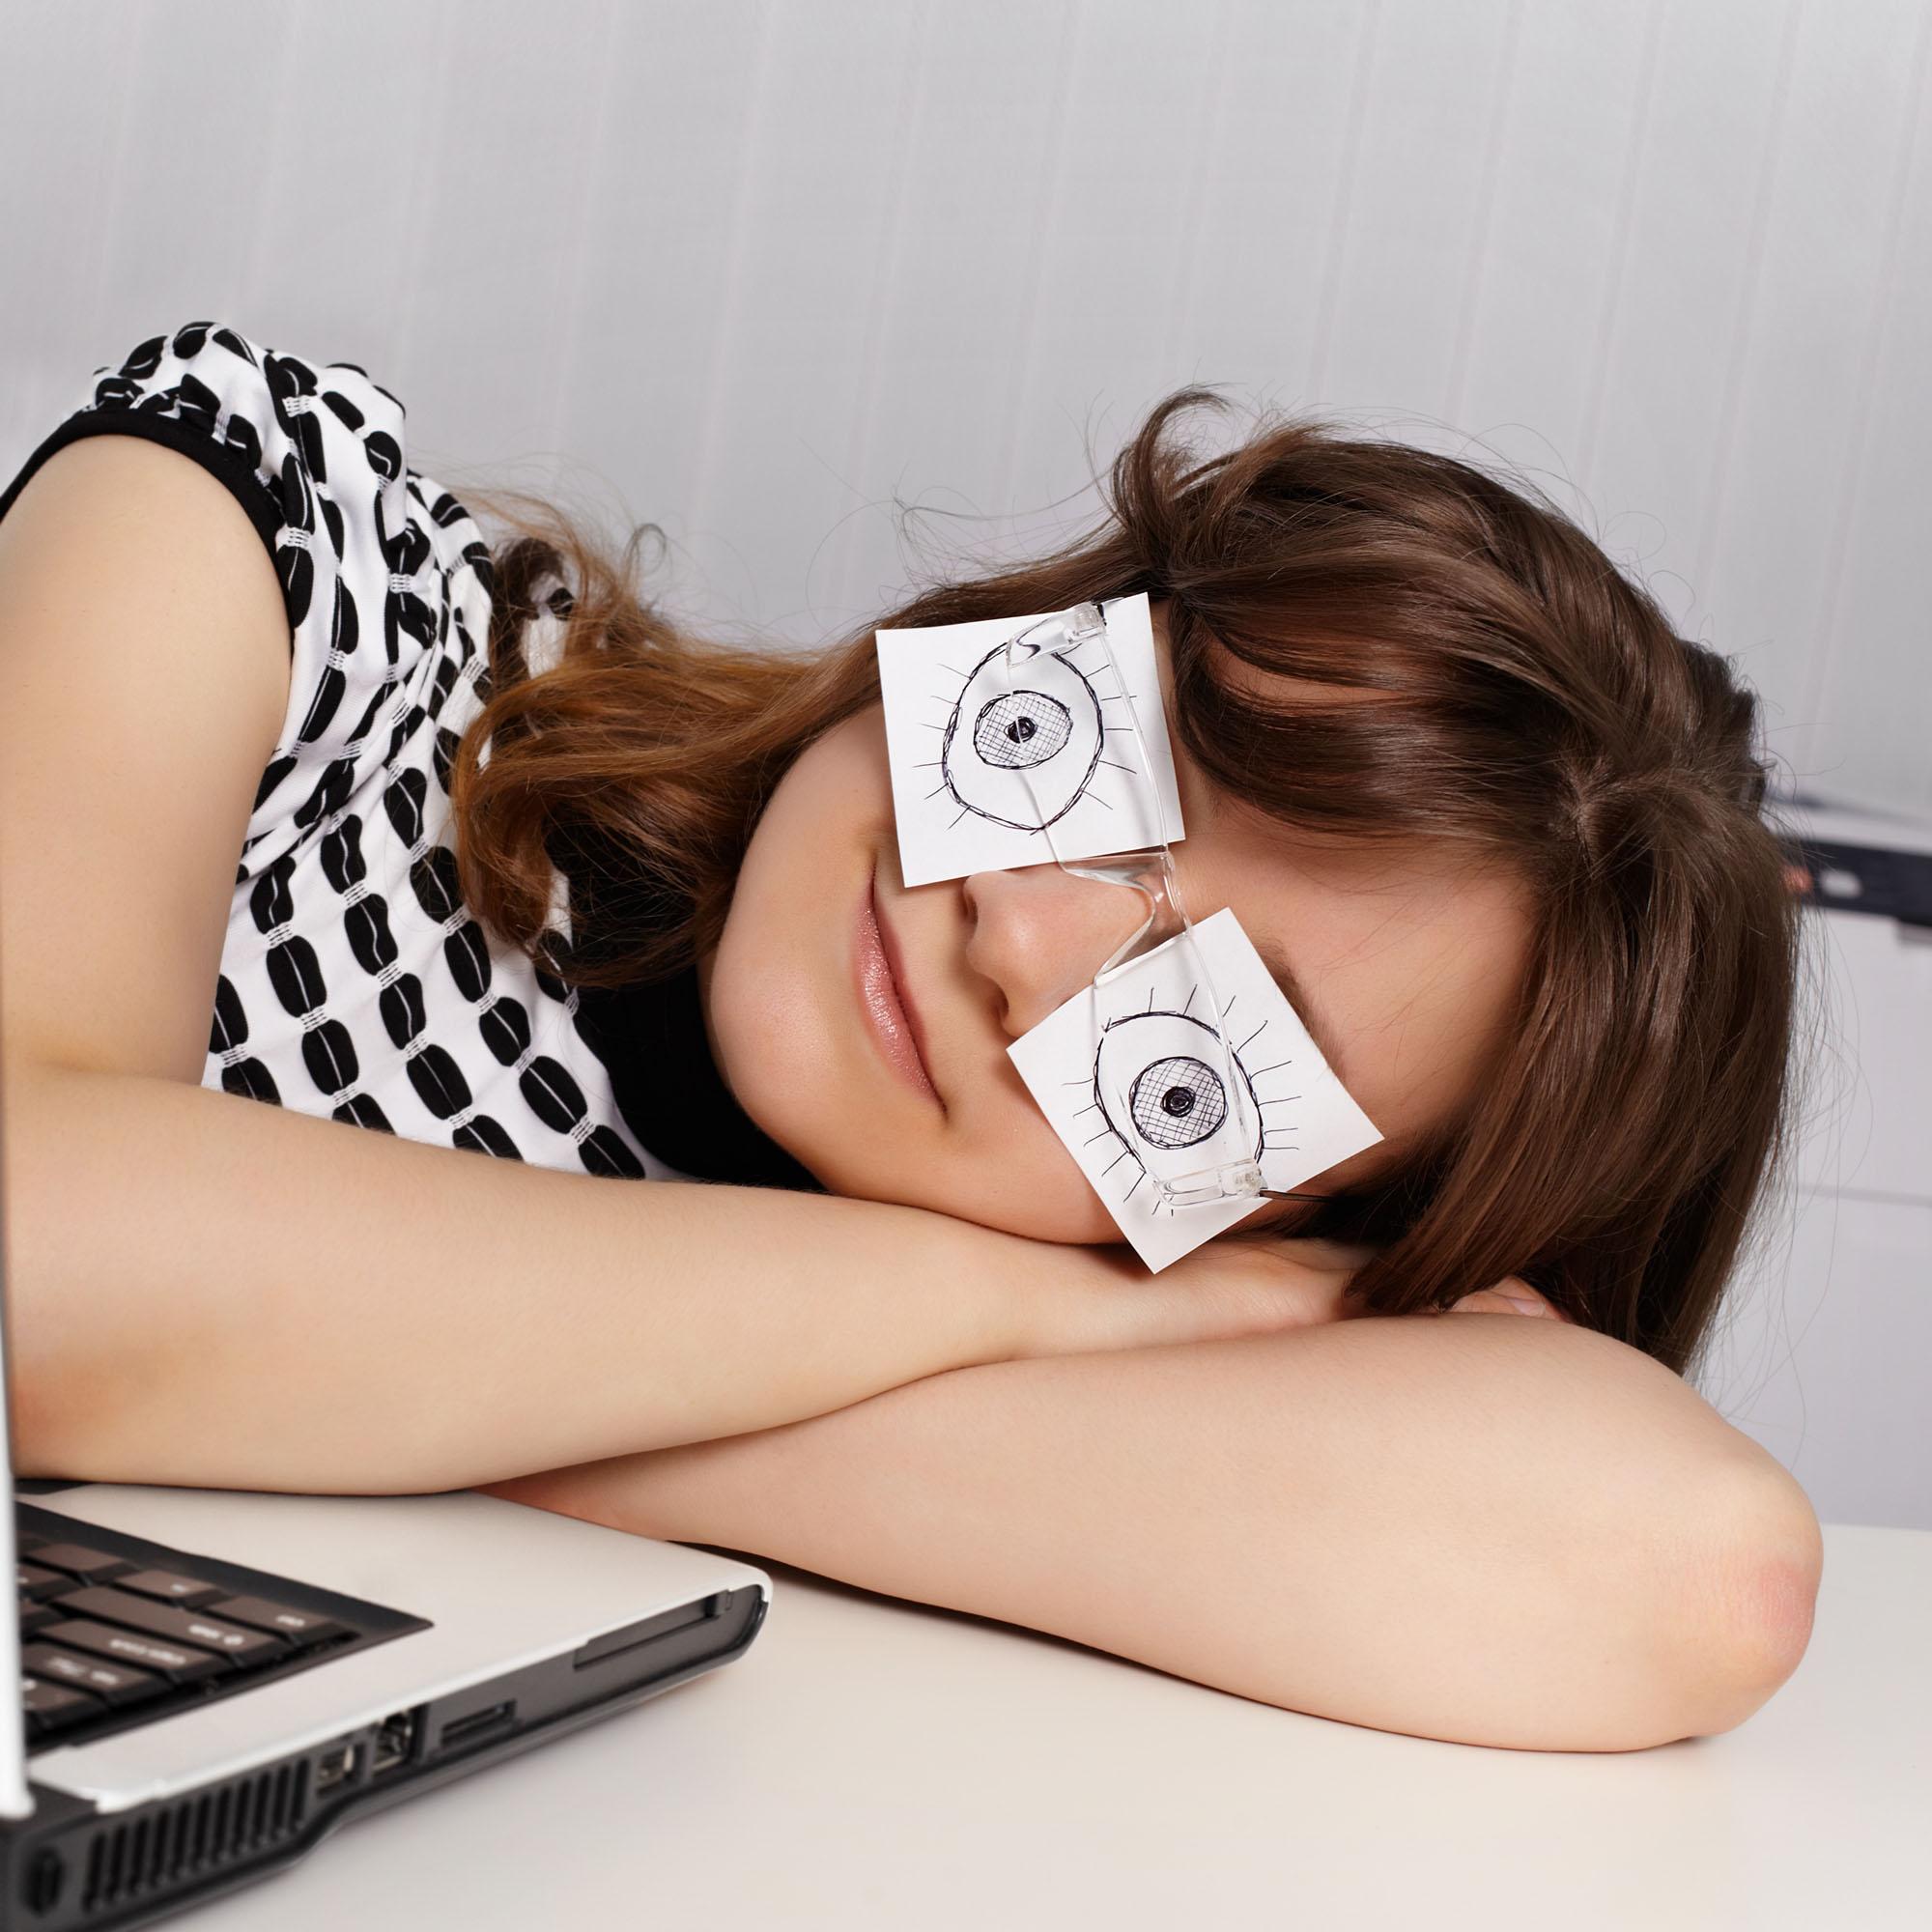 Бракосочетанием картинках, смешные картинки сон на работе